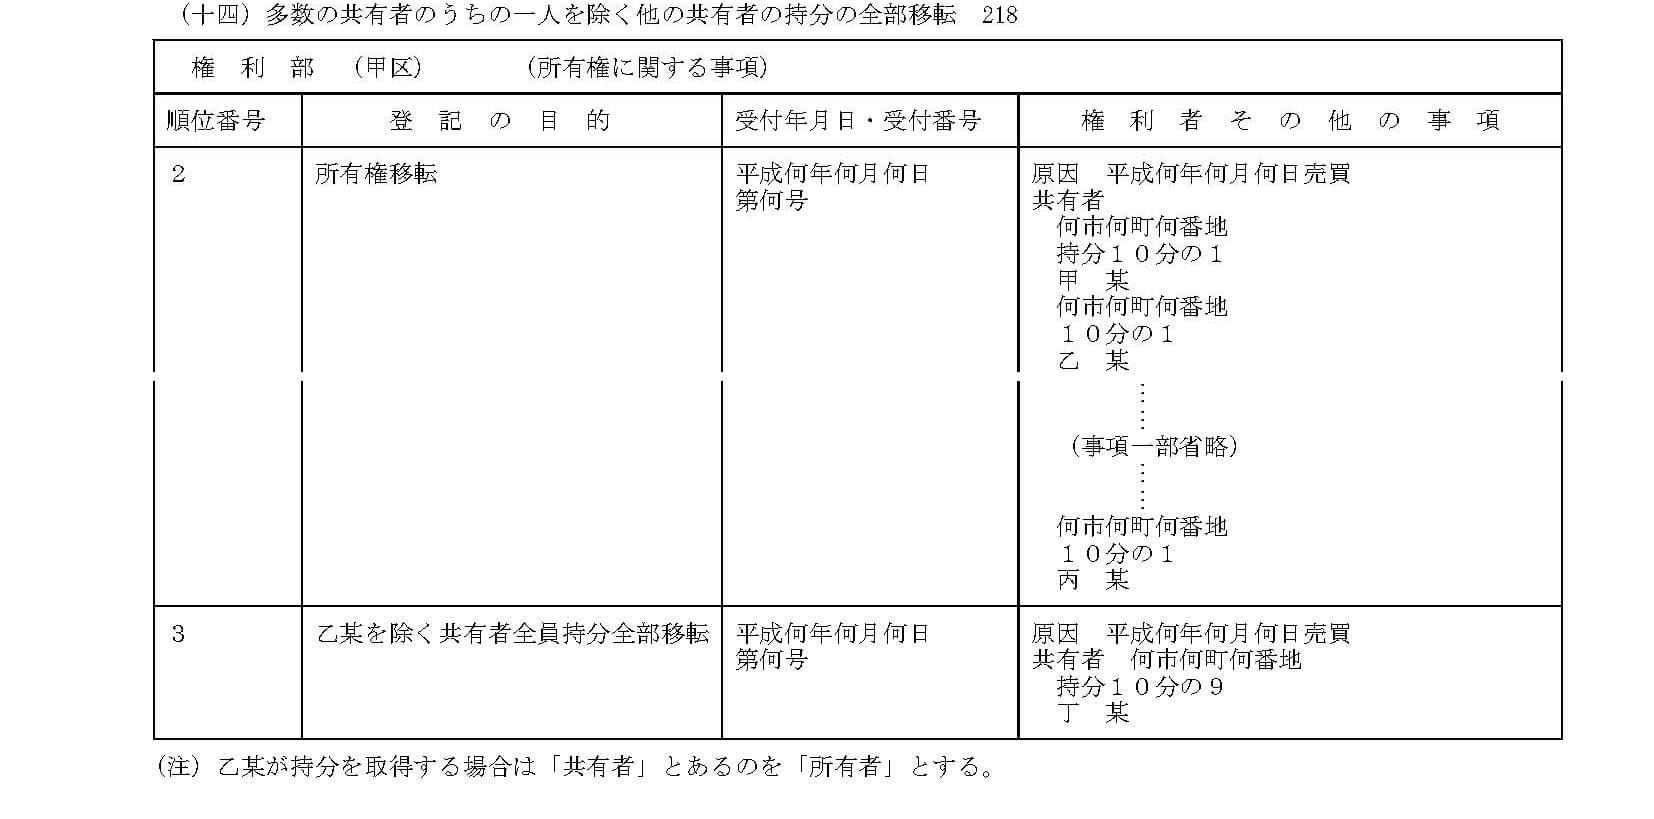 不動産登記記録例の改正について(通達)【平成28年6月8日法務省民二第386号】